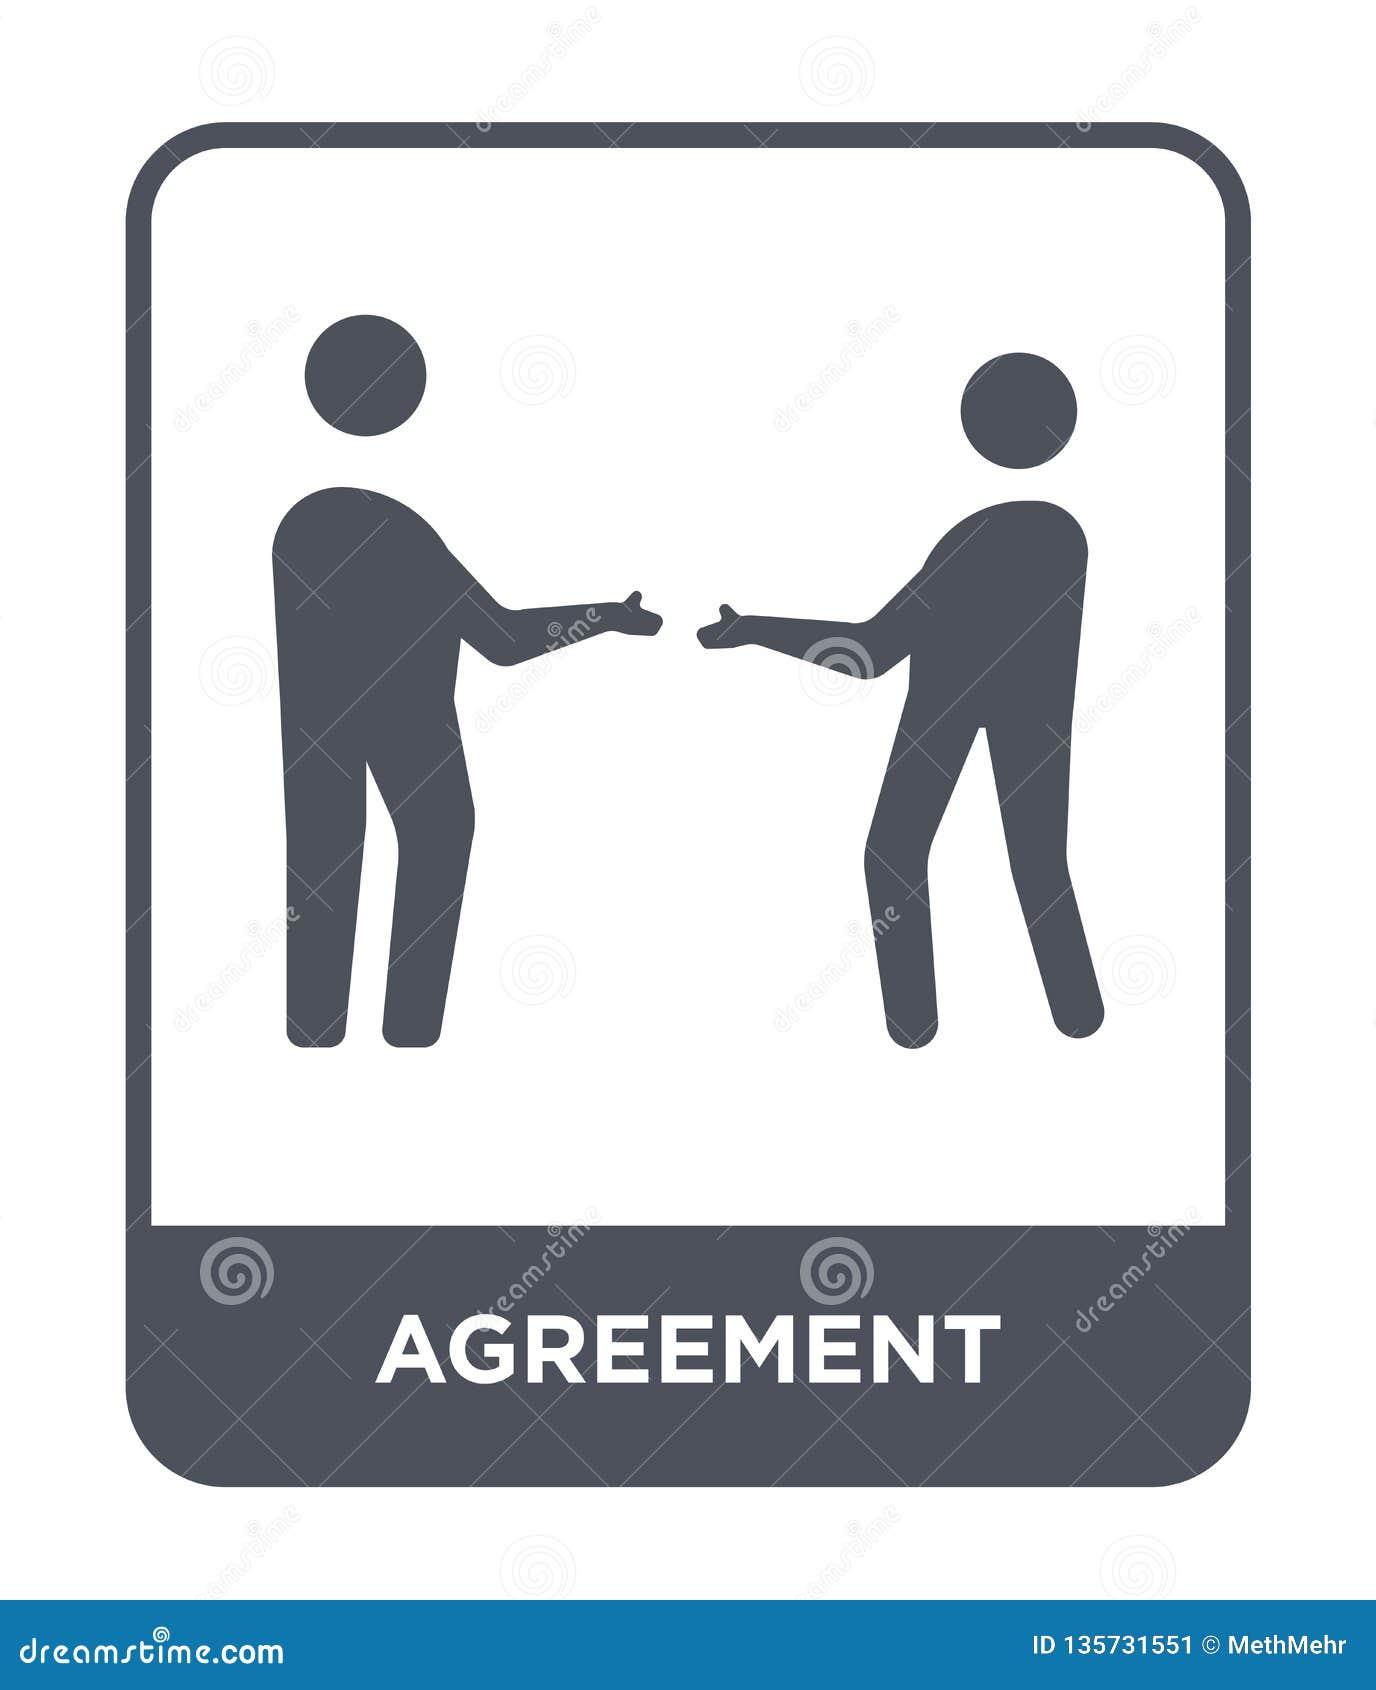 εικονίδιο συμφωνίας στο καθιερώνον τη μόδα ύφος σχεδίου Εικονίδιο συμφωνίας που απομονώνεται στο άσπρο υπόβαθρο απλό και σύγχρονο